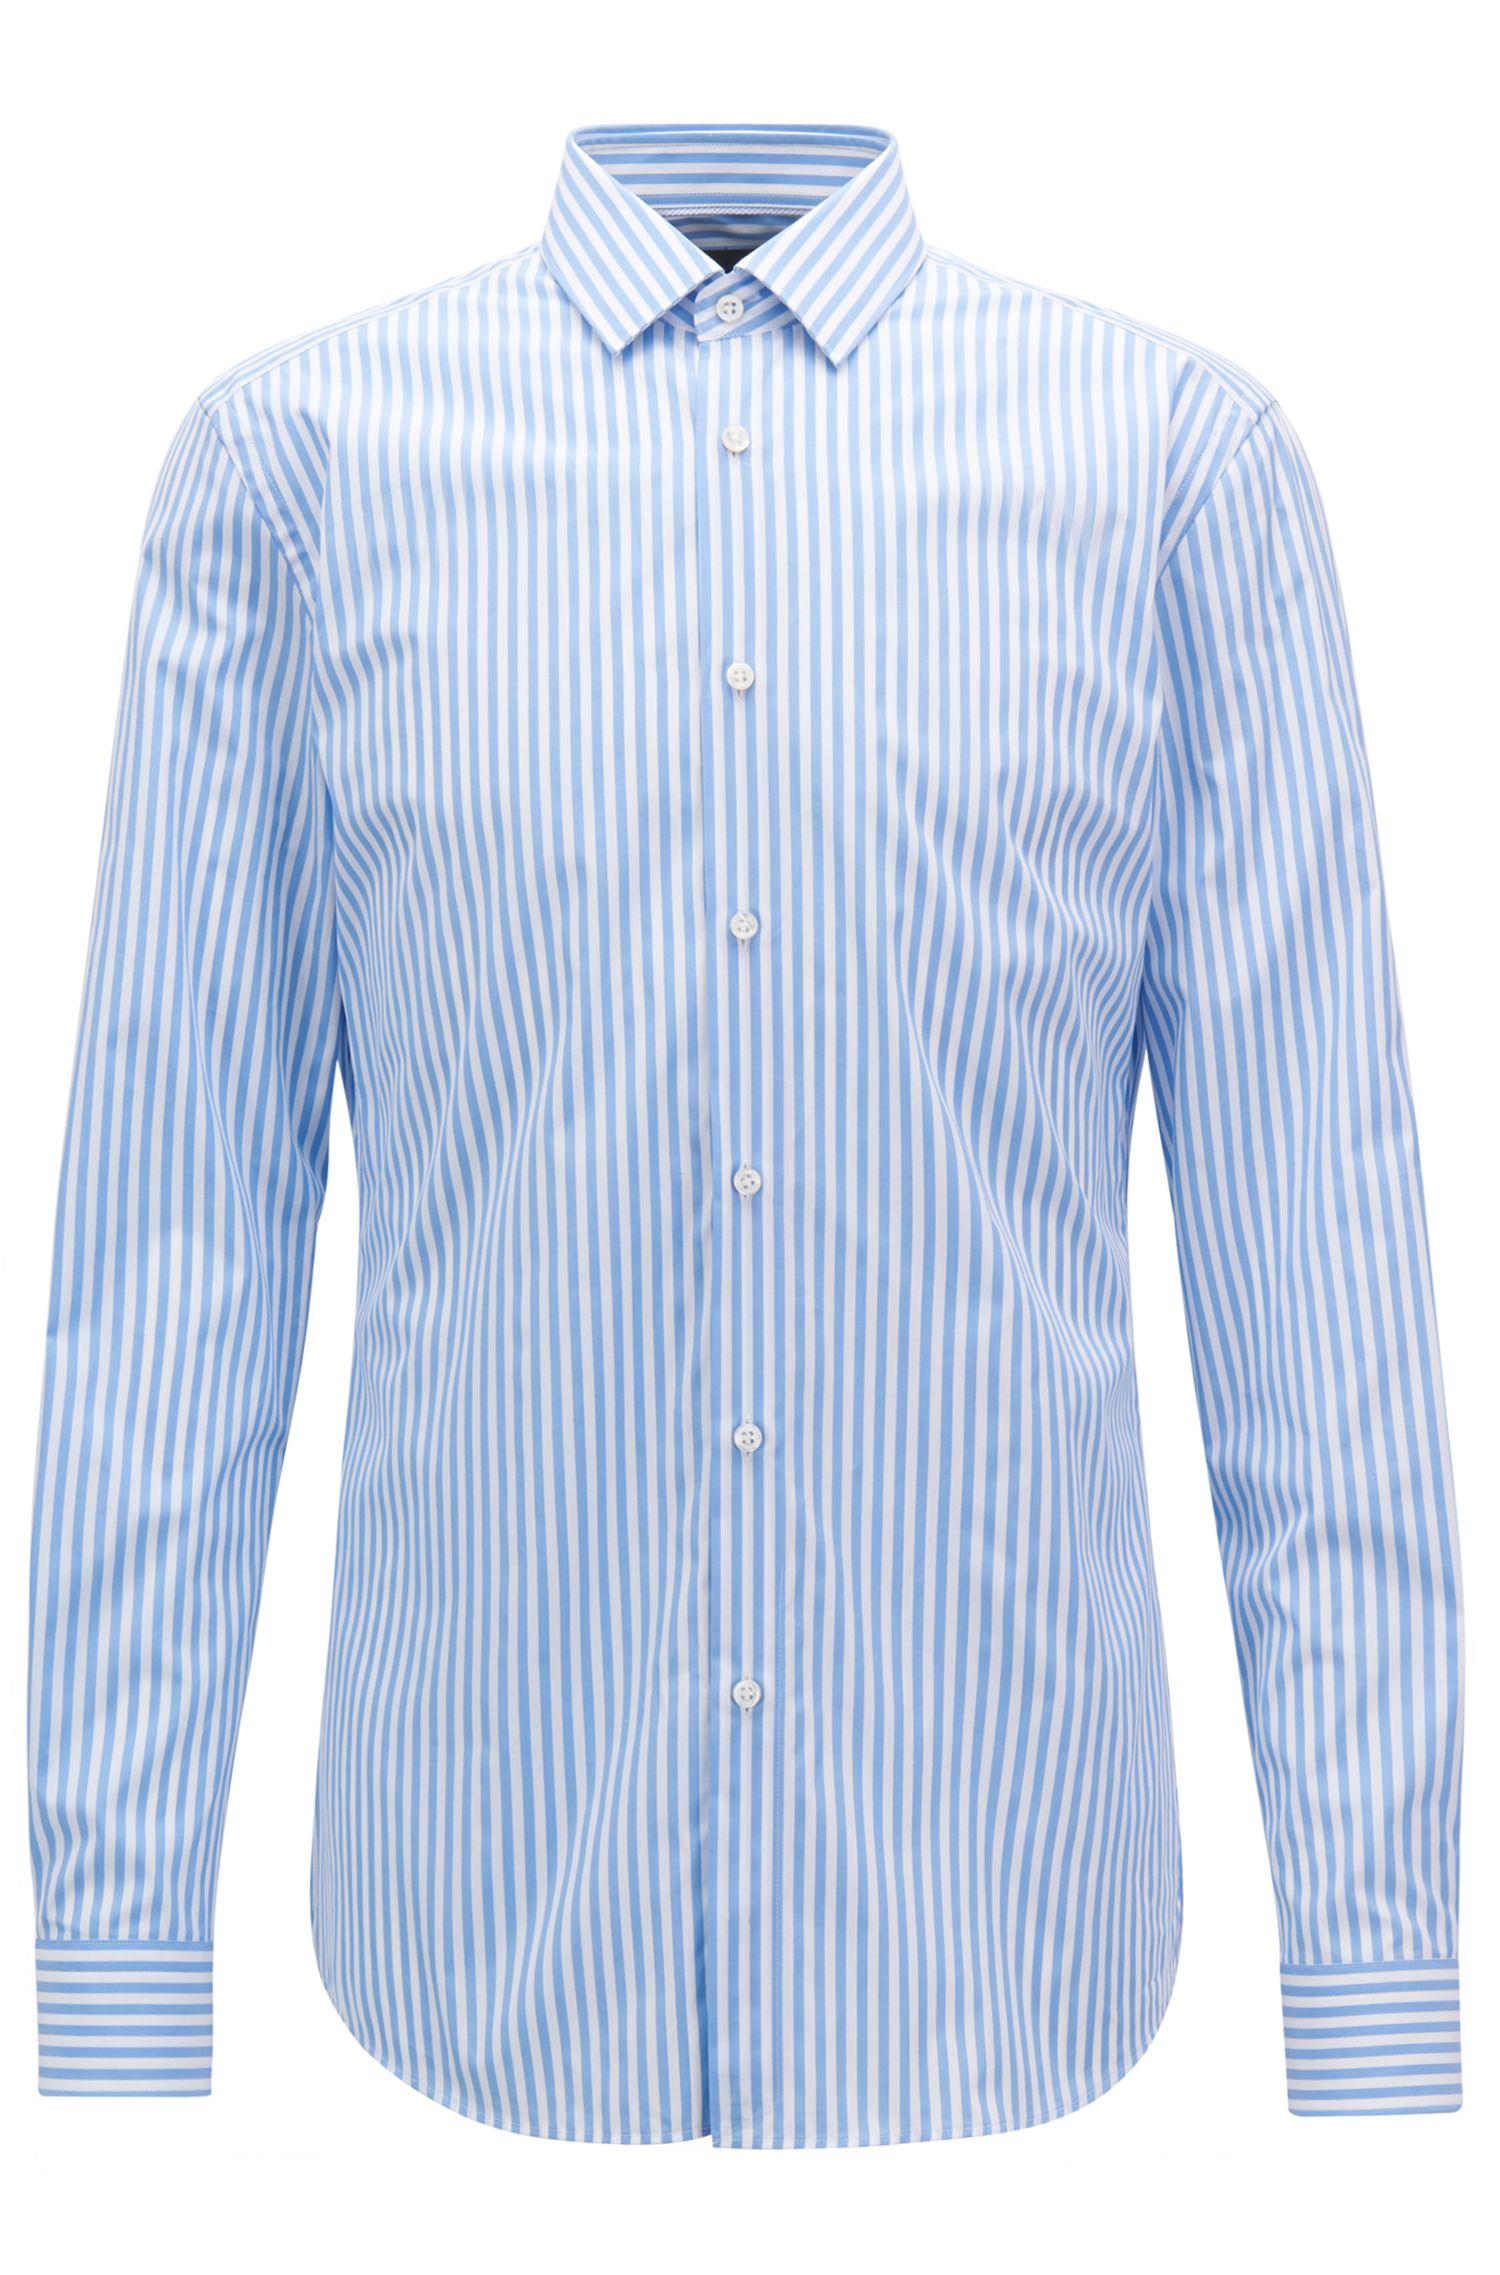 Striped Cotton Dress Shirt, Slim Fit | T-Scott